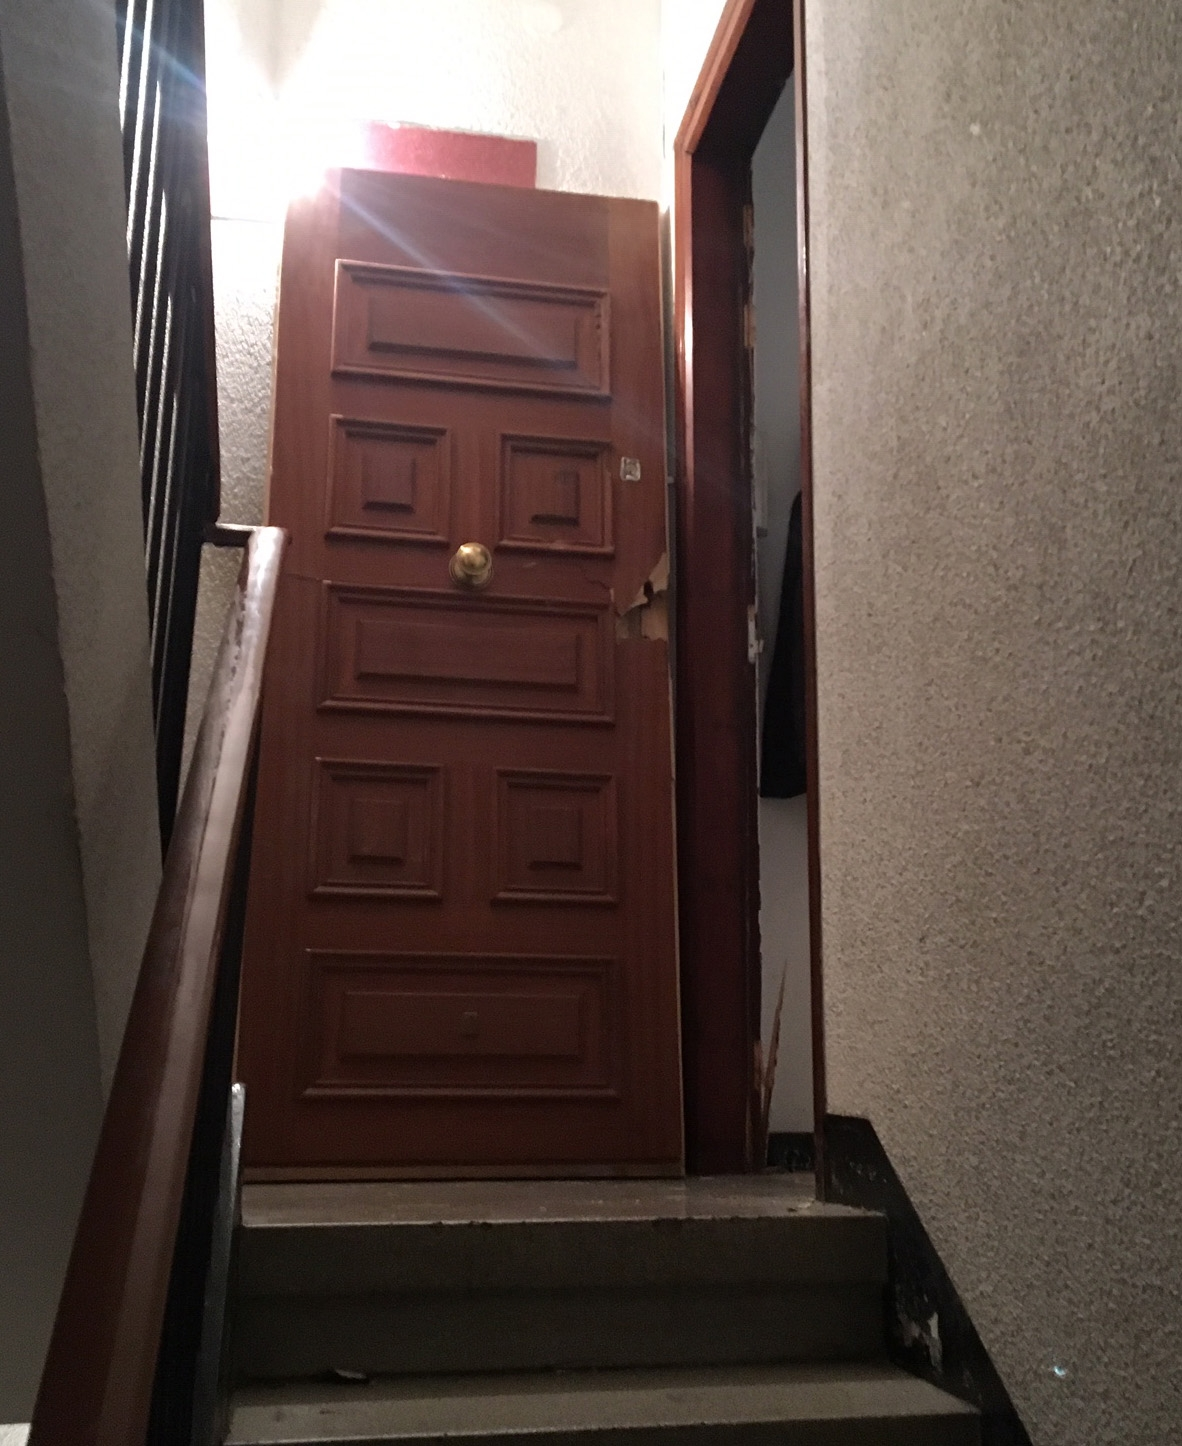 Els agents han entrat al pis esbotzant la porta d'entrada (Foto: Toni Cortès)